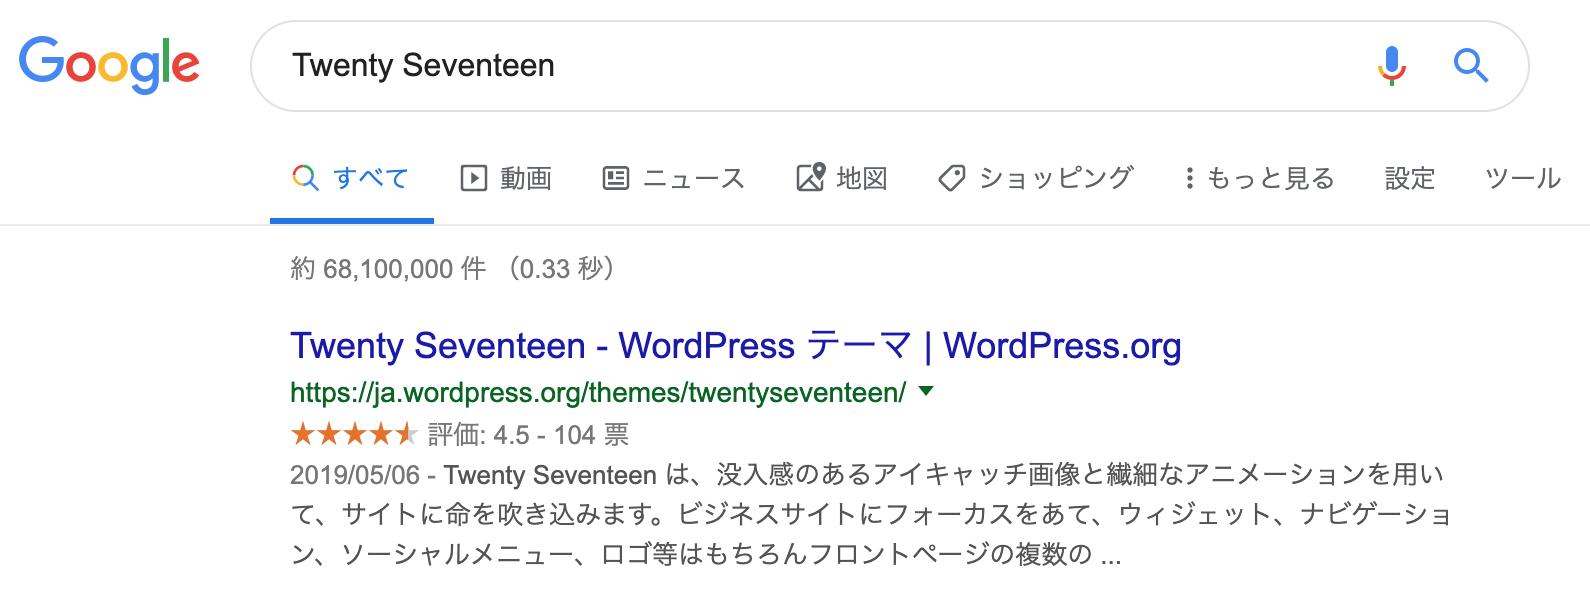 無料のWordPressテーマ レビュー